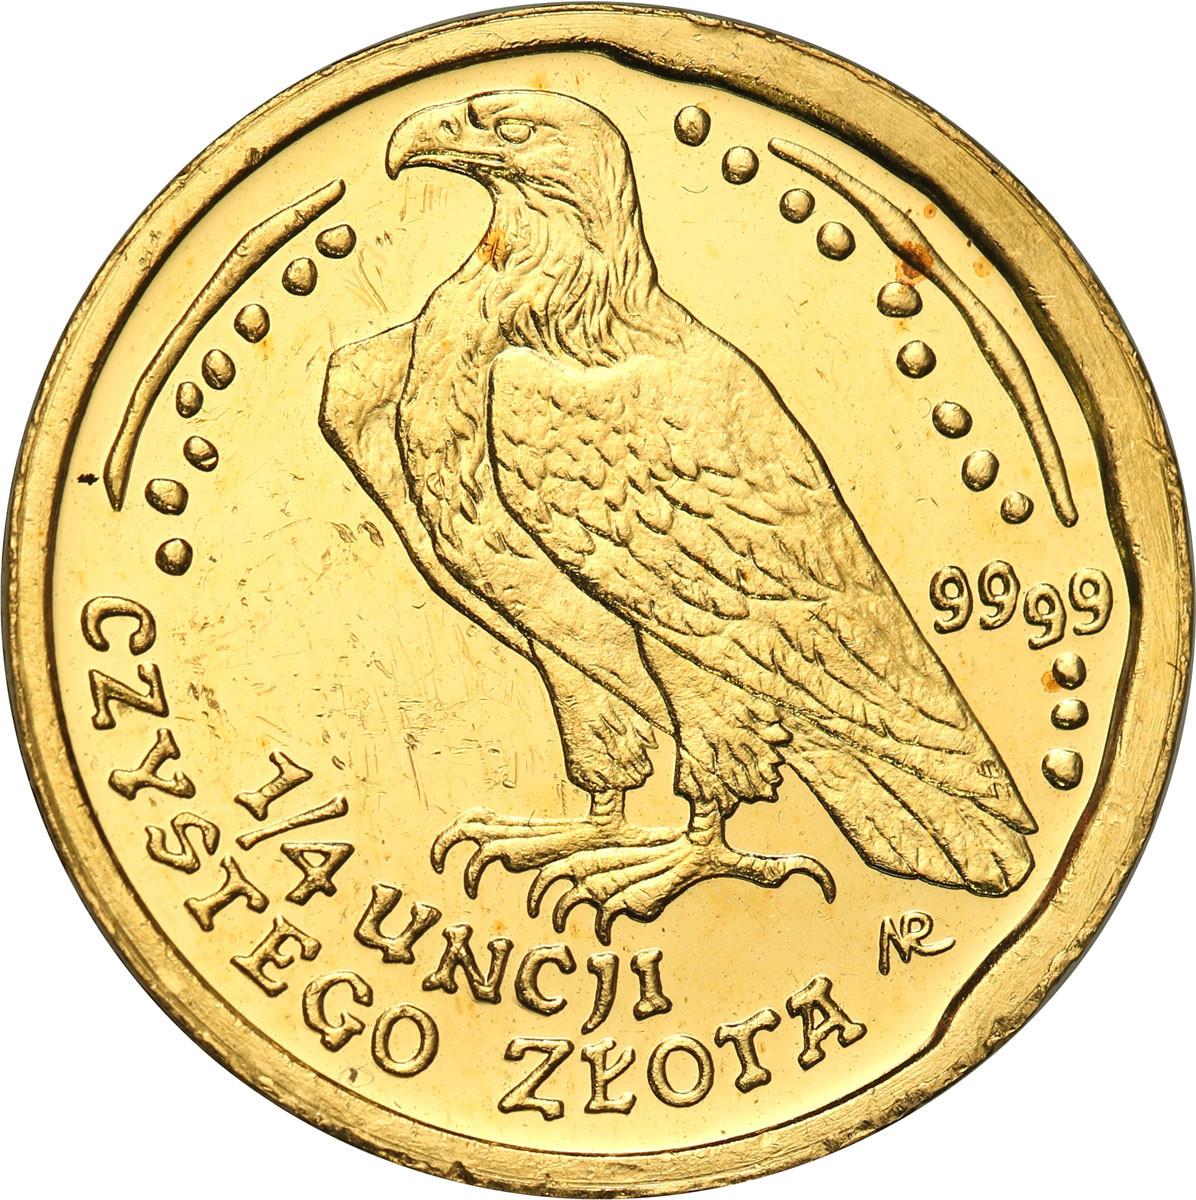 Polska III RP 100 złotych 2002 Orzeł Bielik (1/4 uncji złota) st. 1-